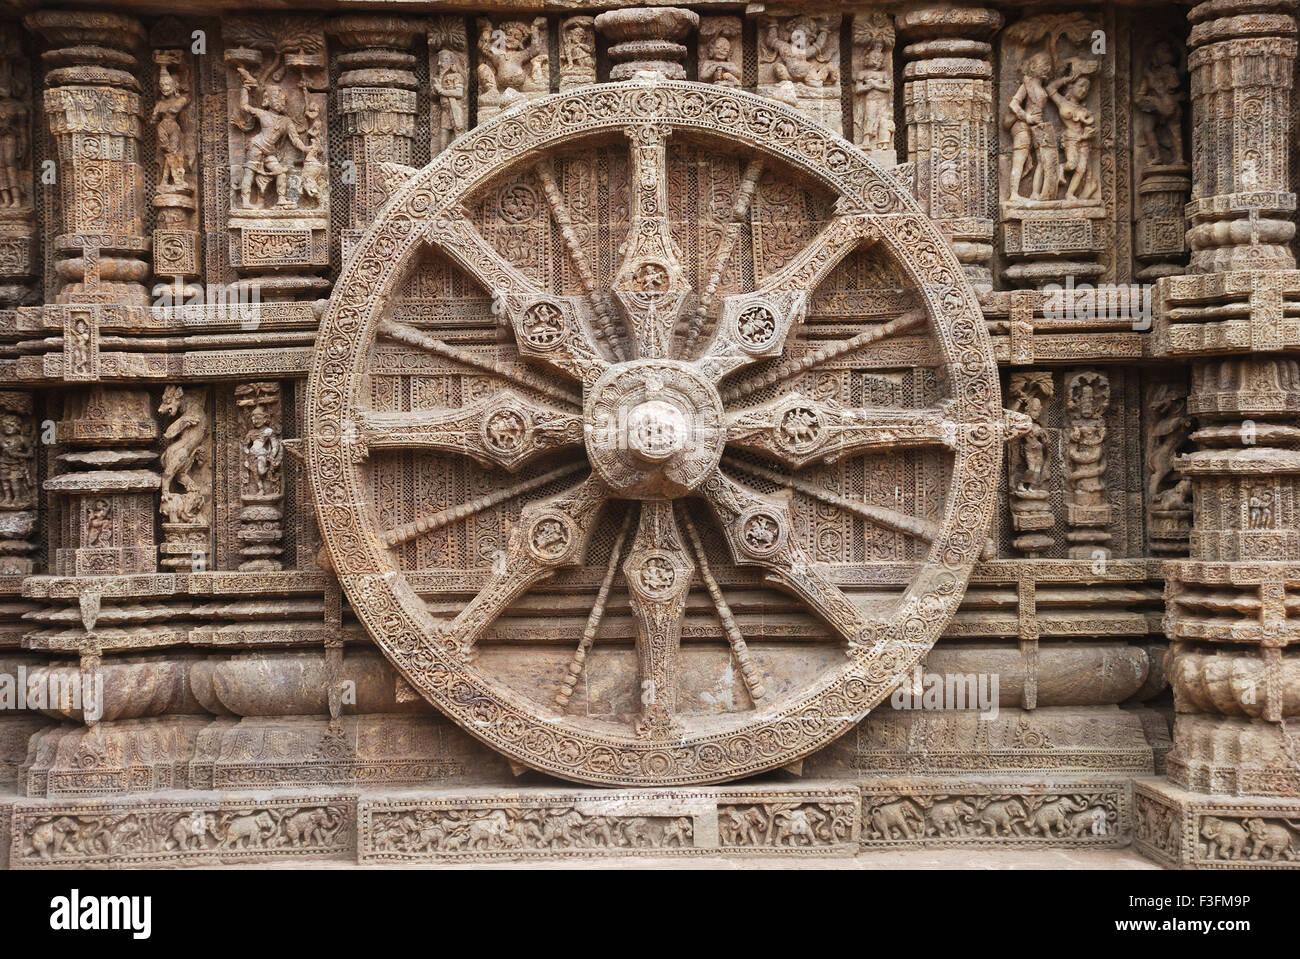 Wheel of chariot of god sun at sun temple ; Konarak ; Orissa ; India - Stock Image